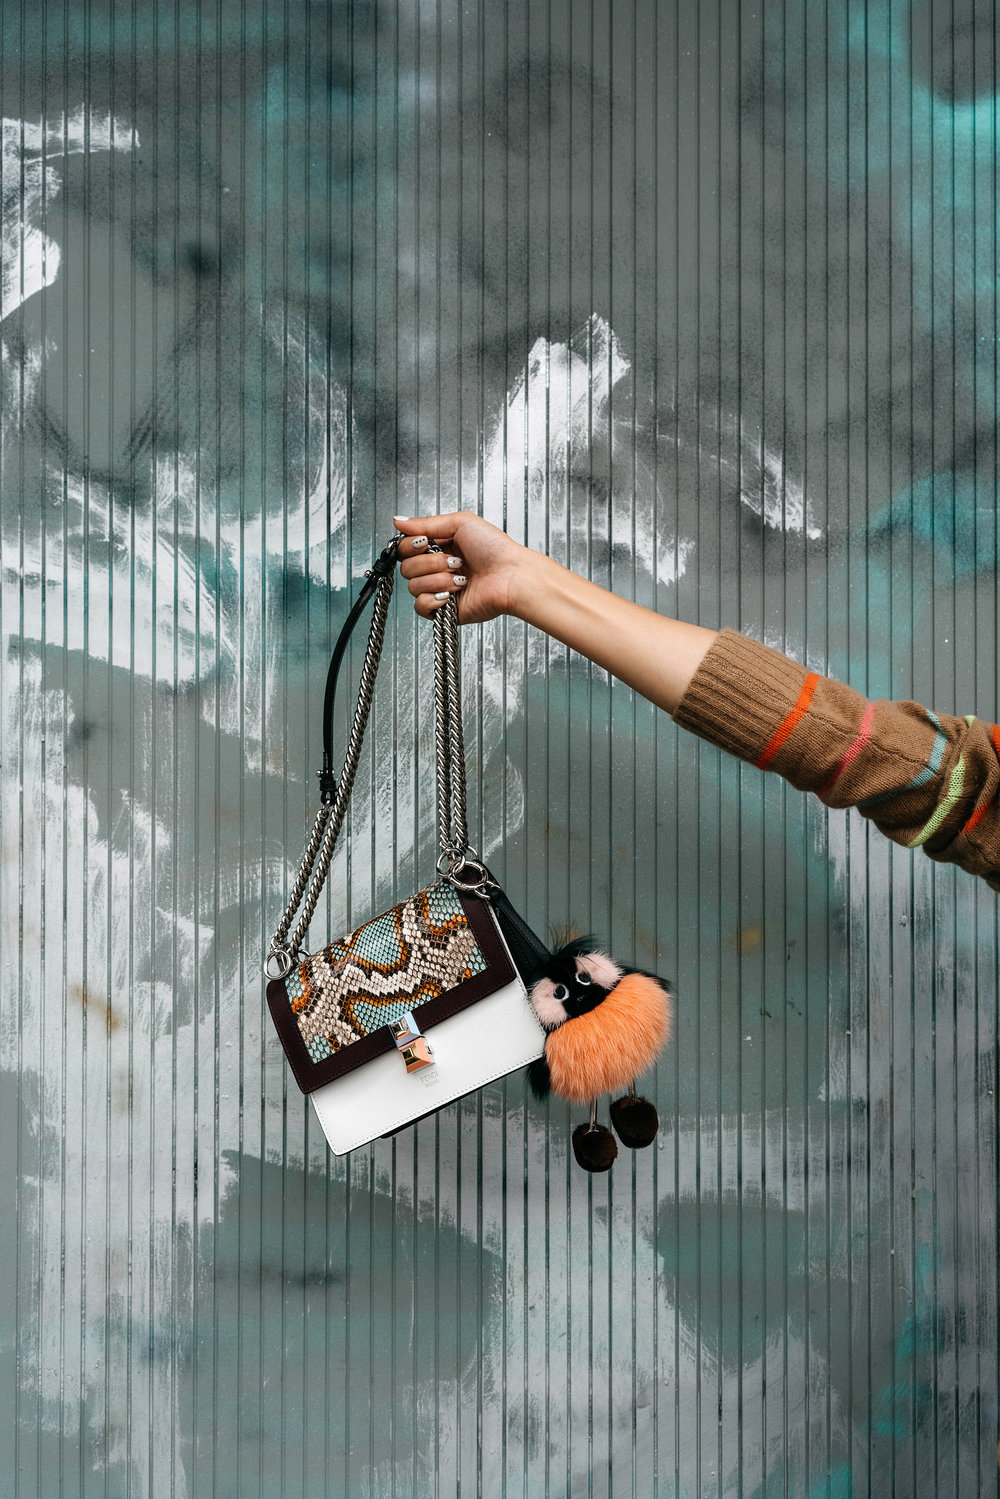 Fendi Bag and Keychain